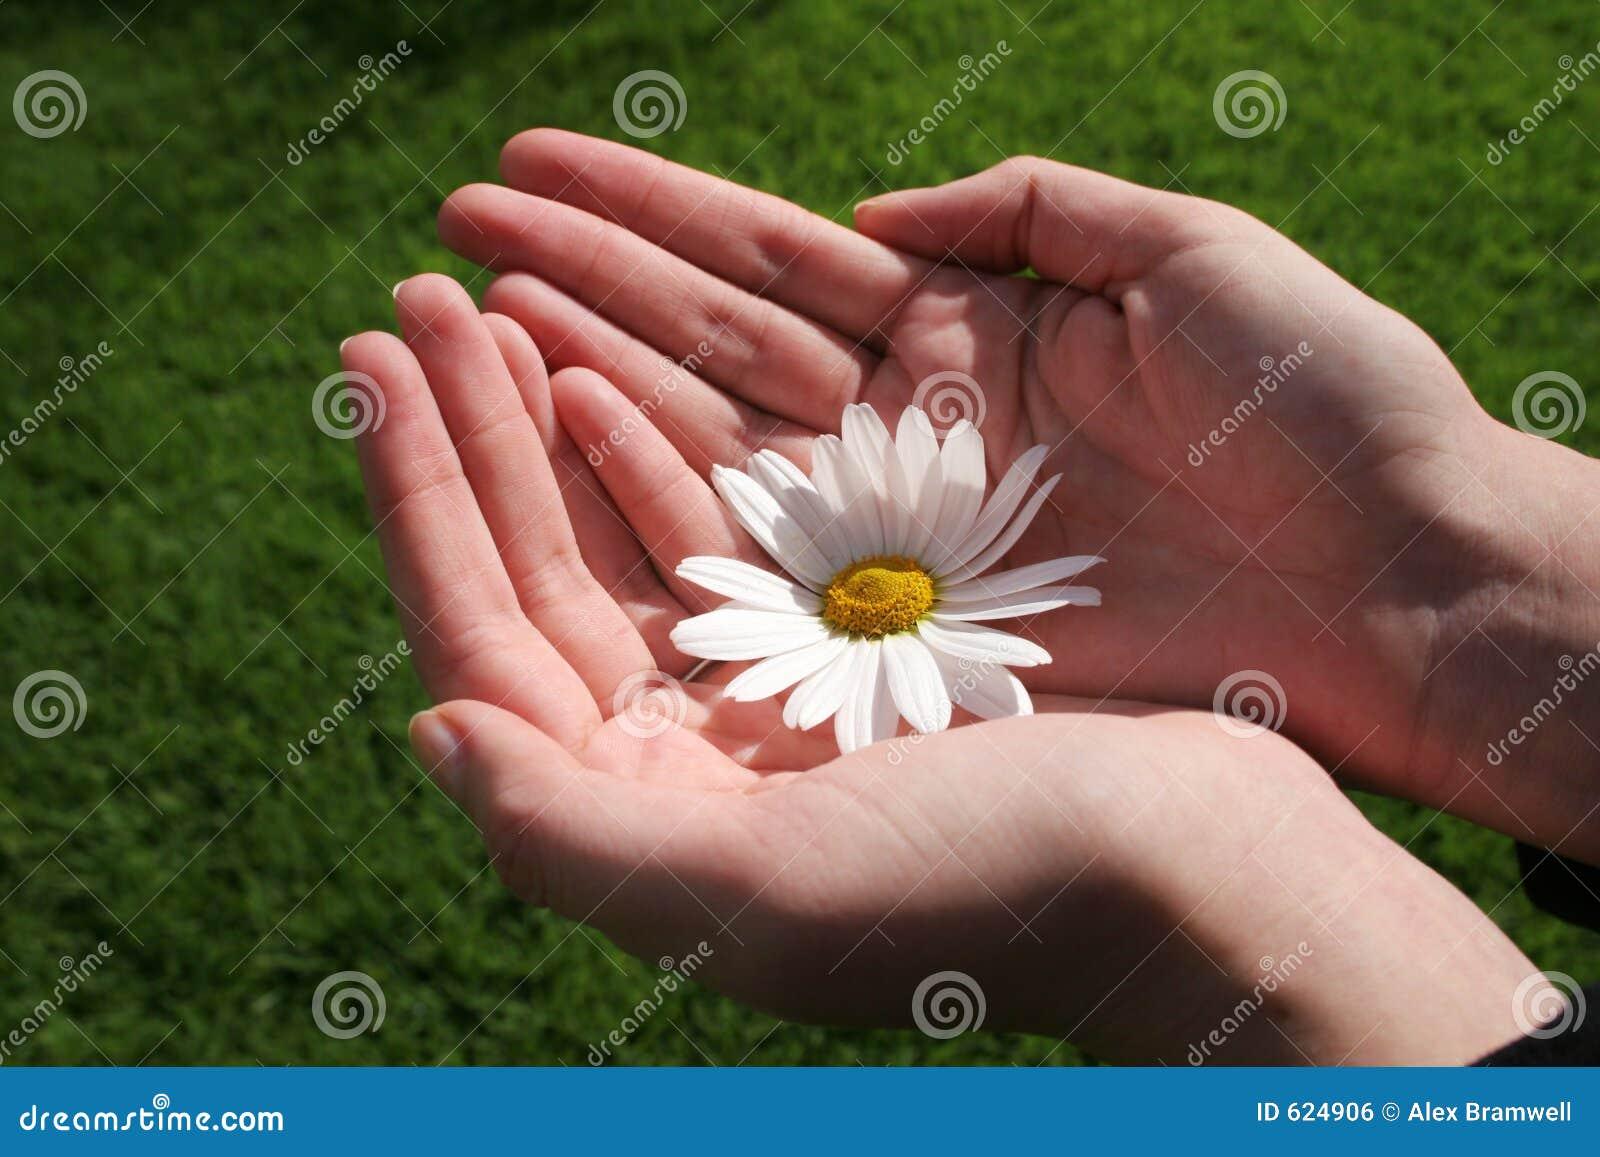 Bloem en Hand